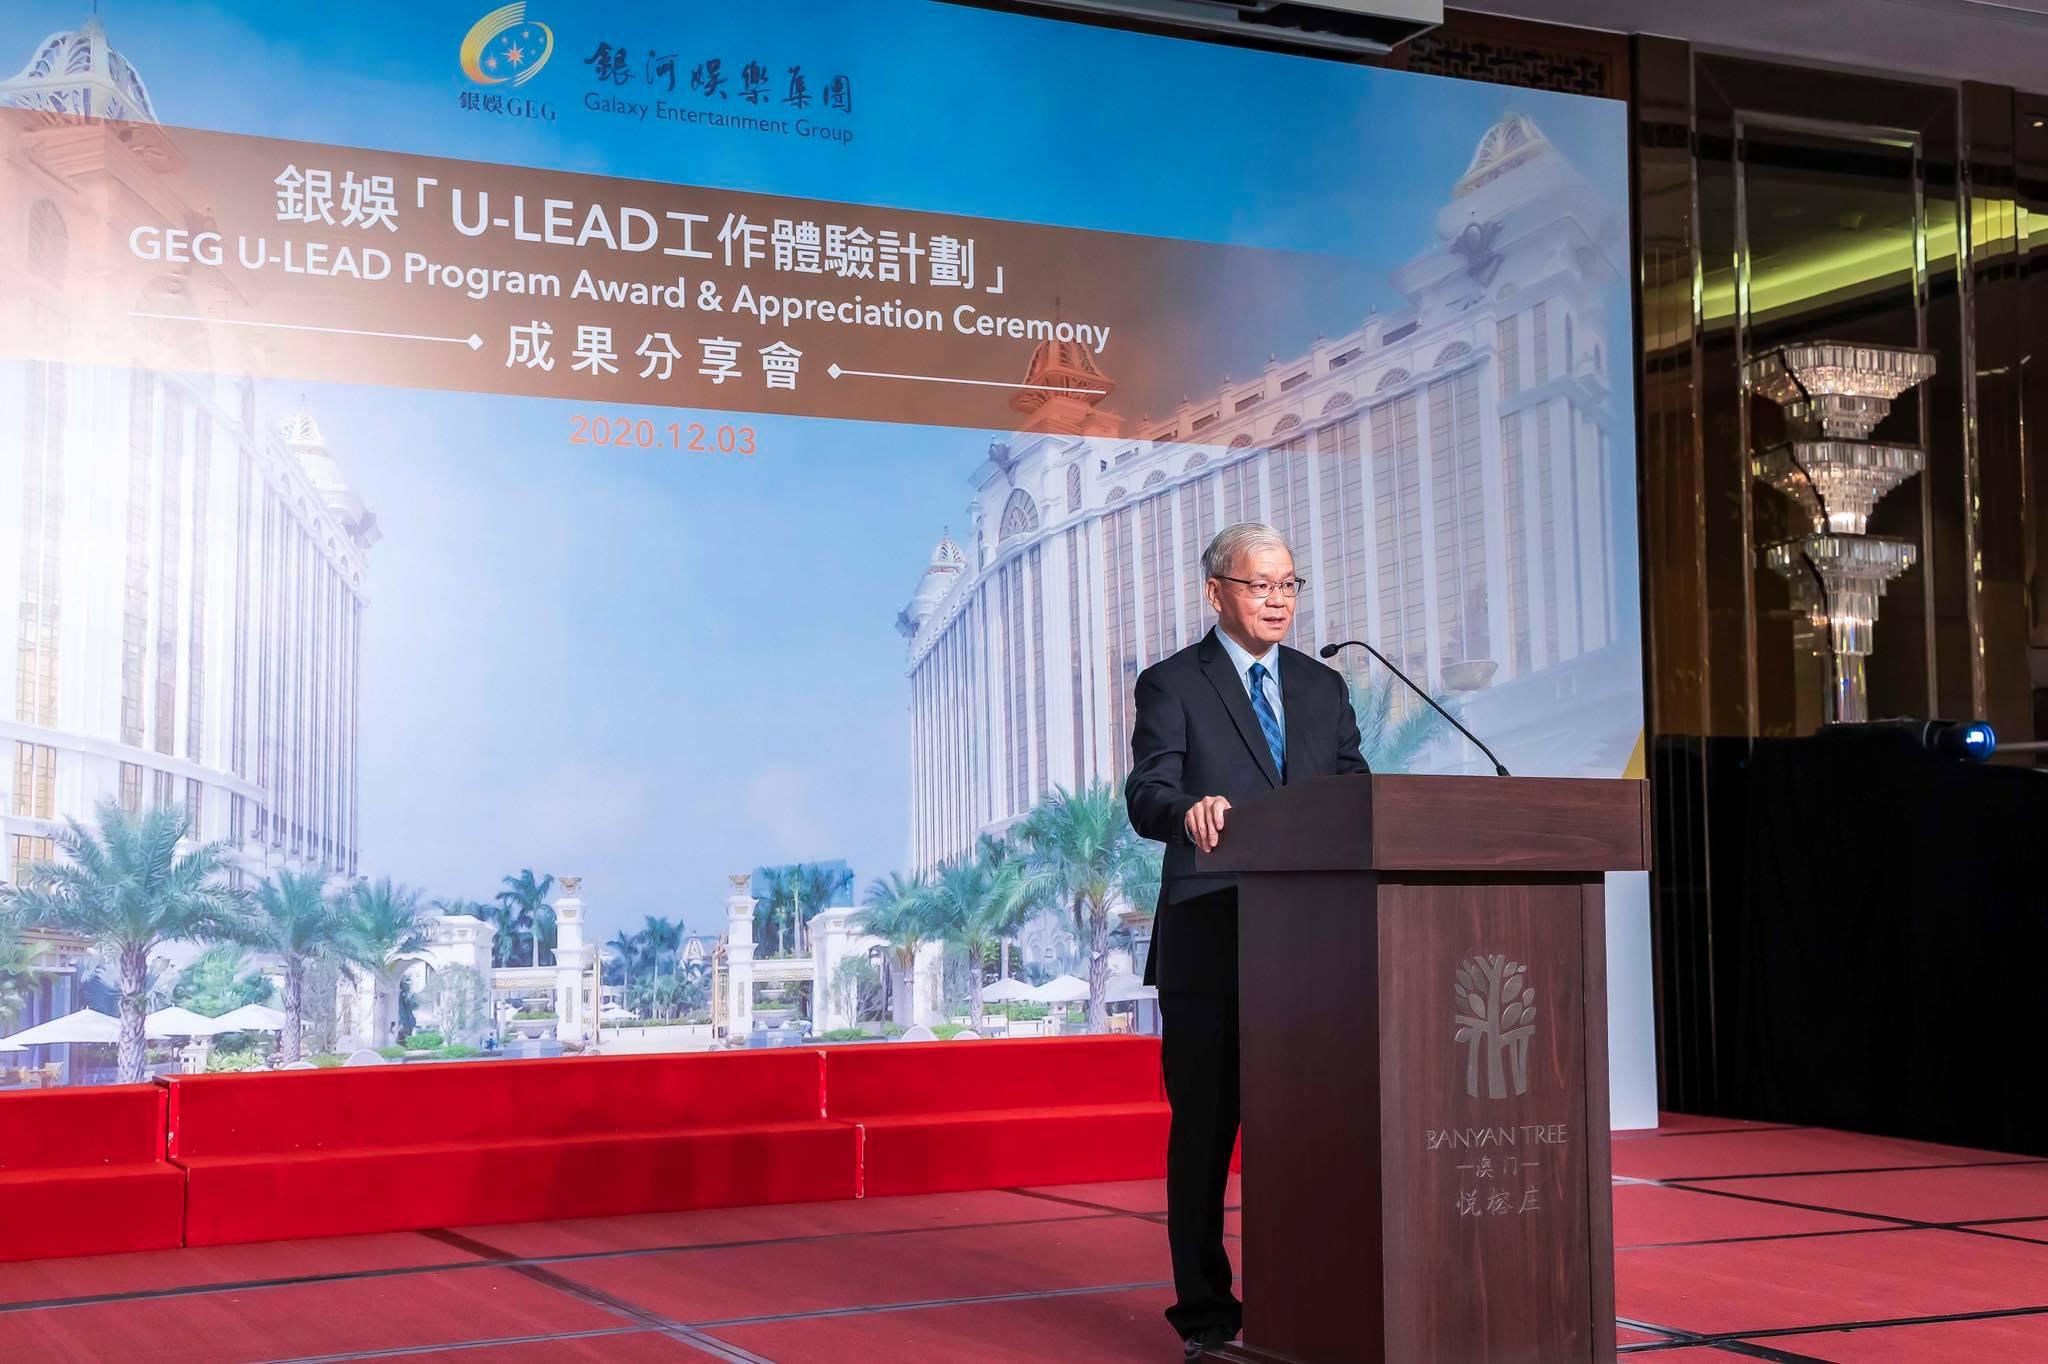 銀娛與勞工局舉辦U-LEAD分享會 向應屆大學畢業生提供實習機會